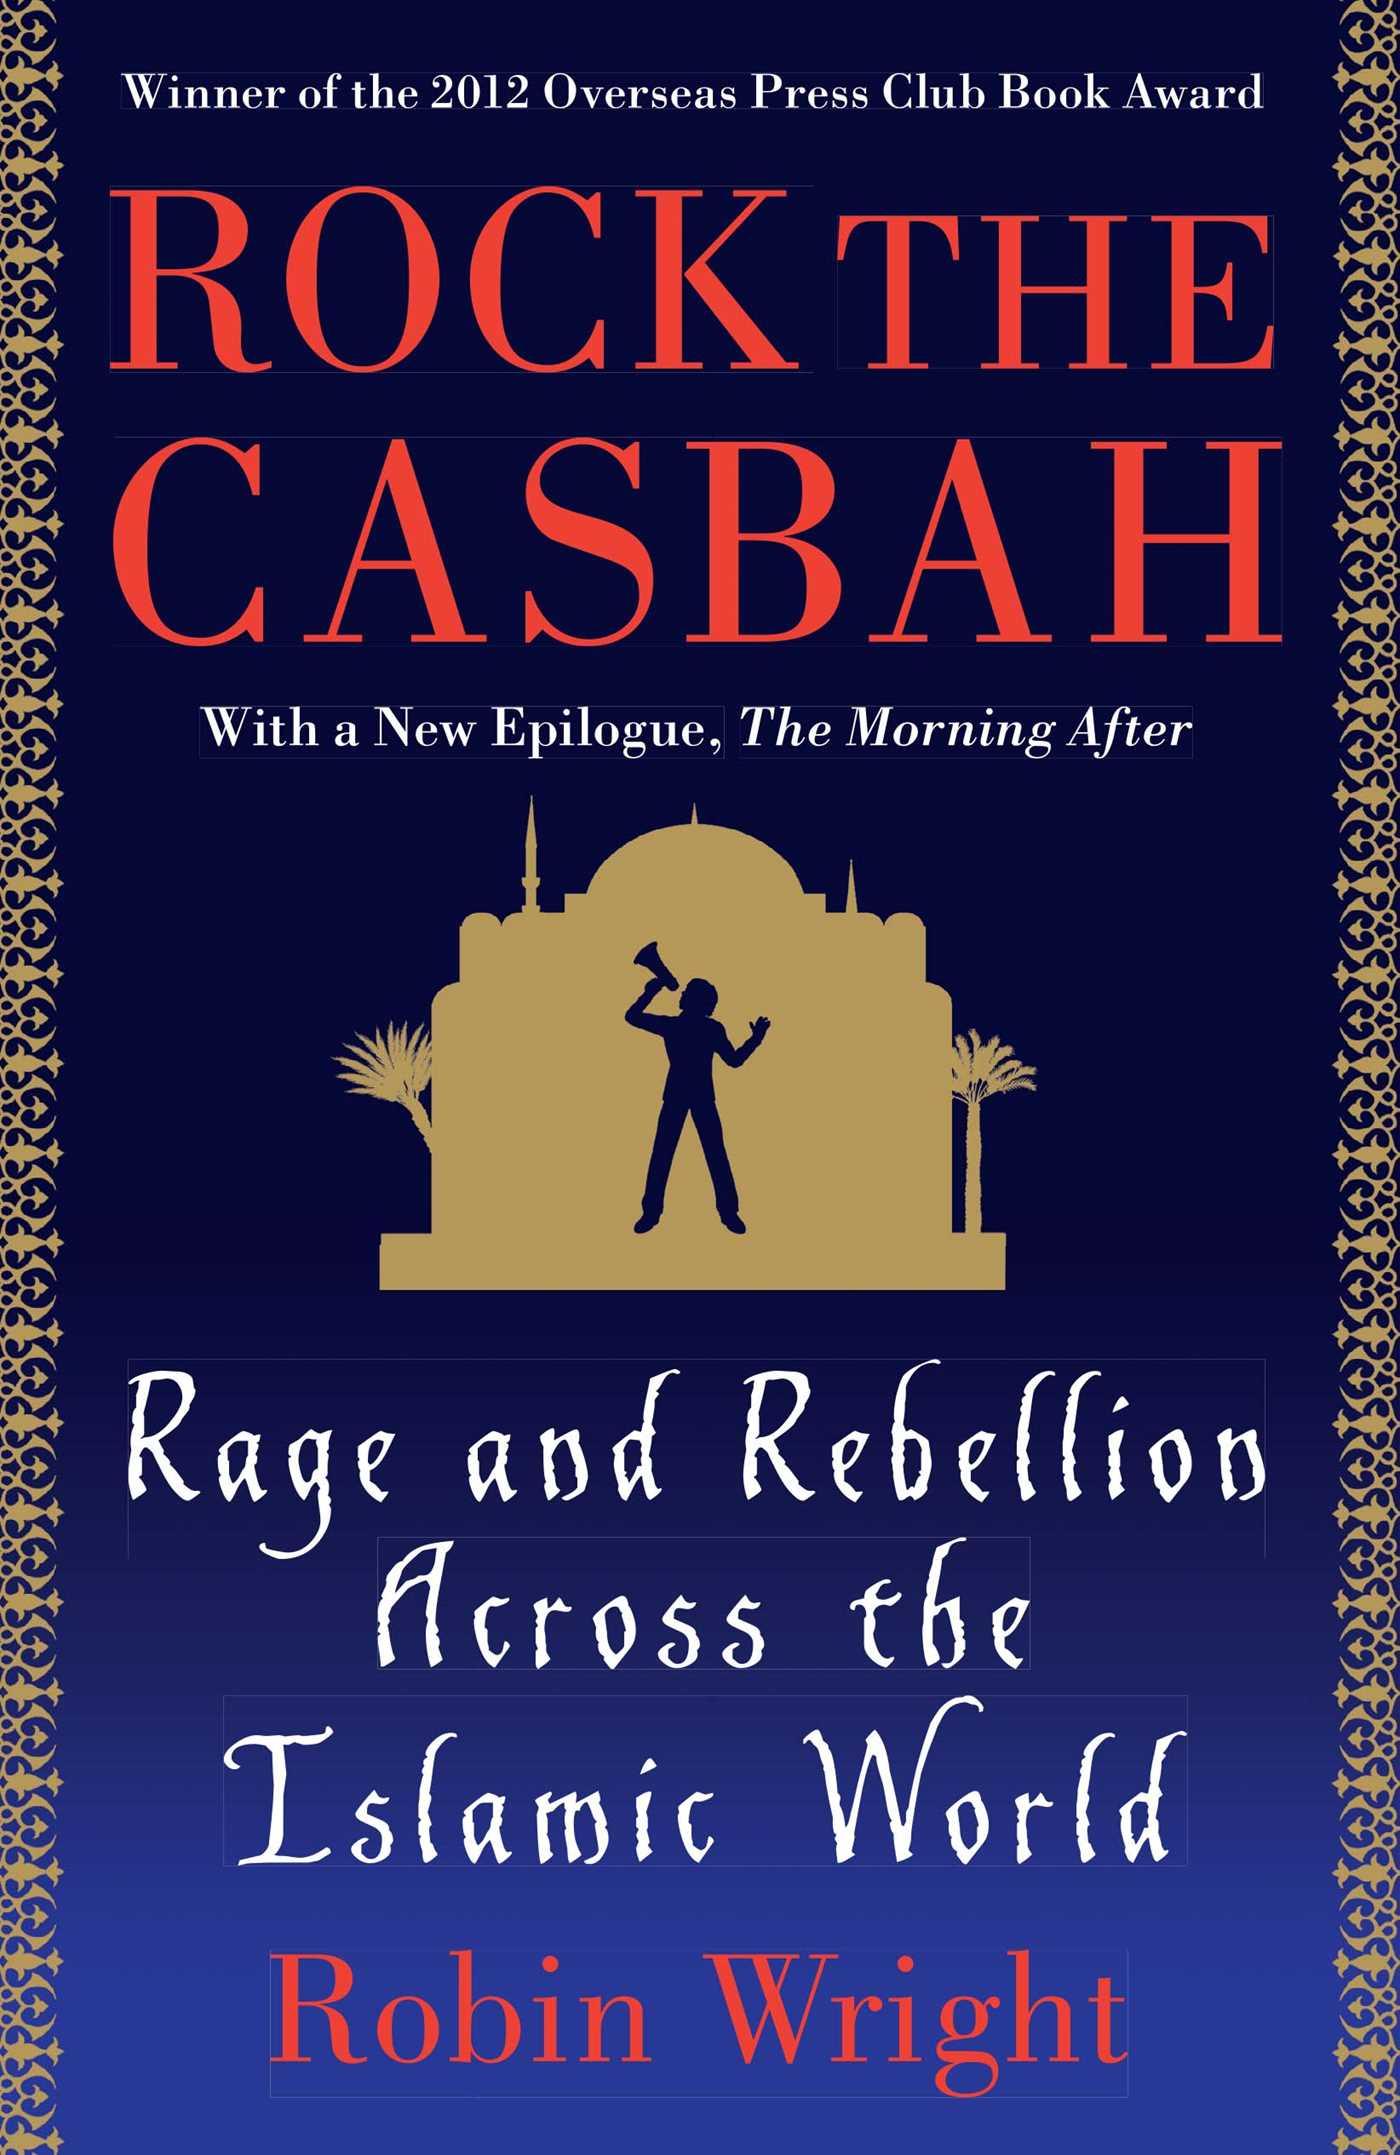 Rock the casbah 9781439103173 hr